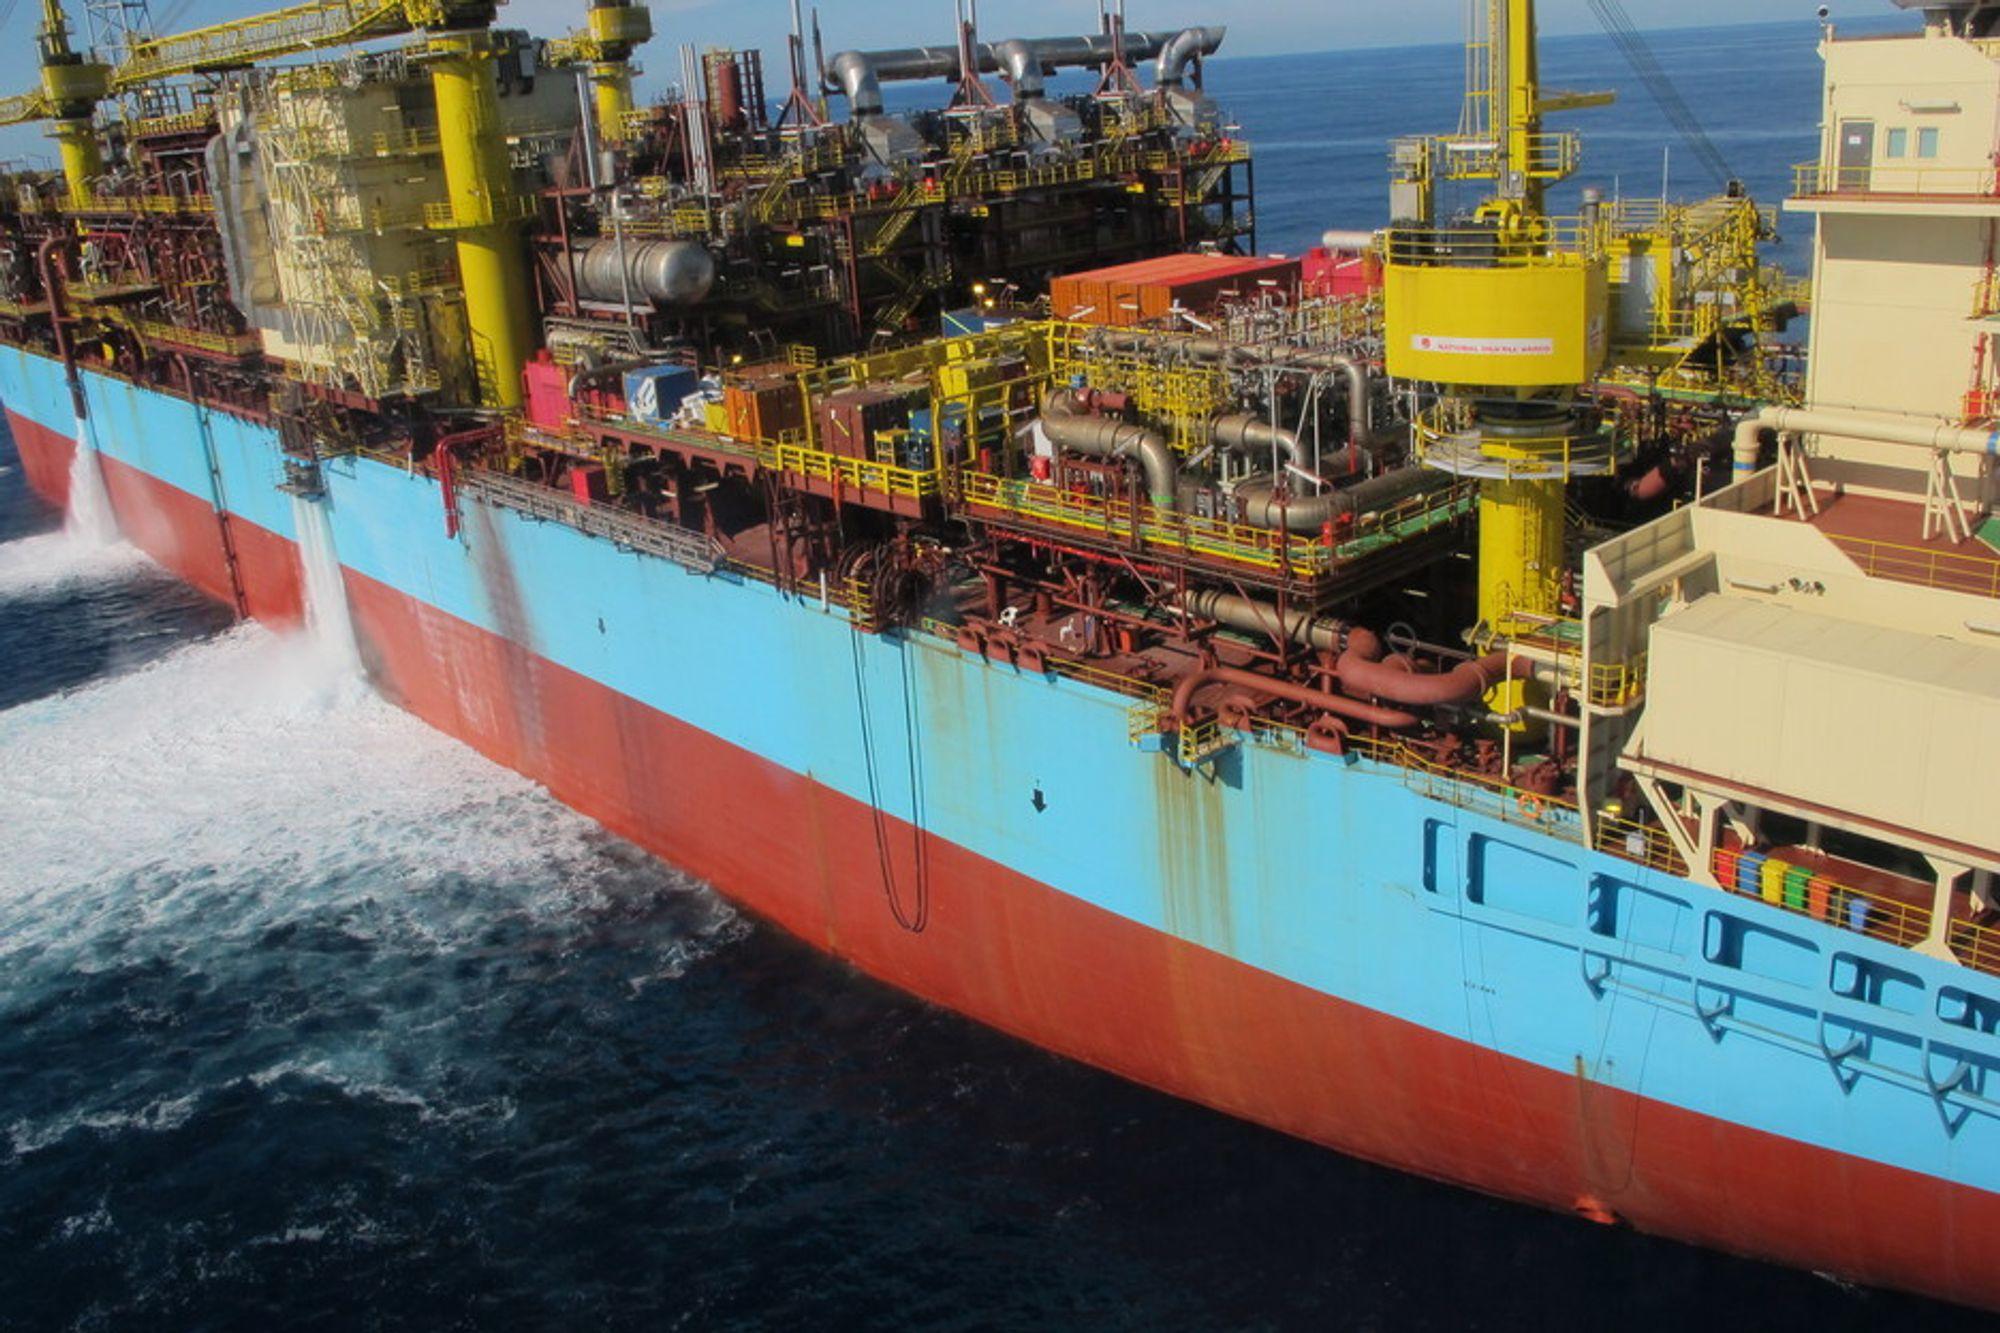 Statoil har gjort funn i begge brønnene på Peregrino Sør. Samtidig høyner selskapet anslaget for Skrugard-funnet i Barentshavet.